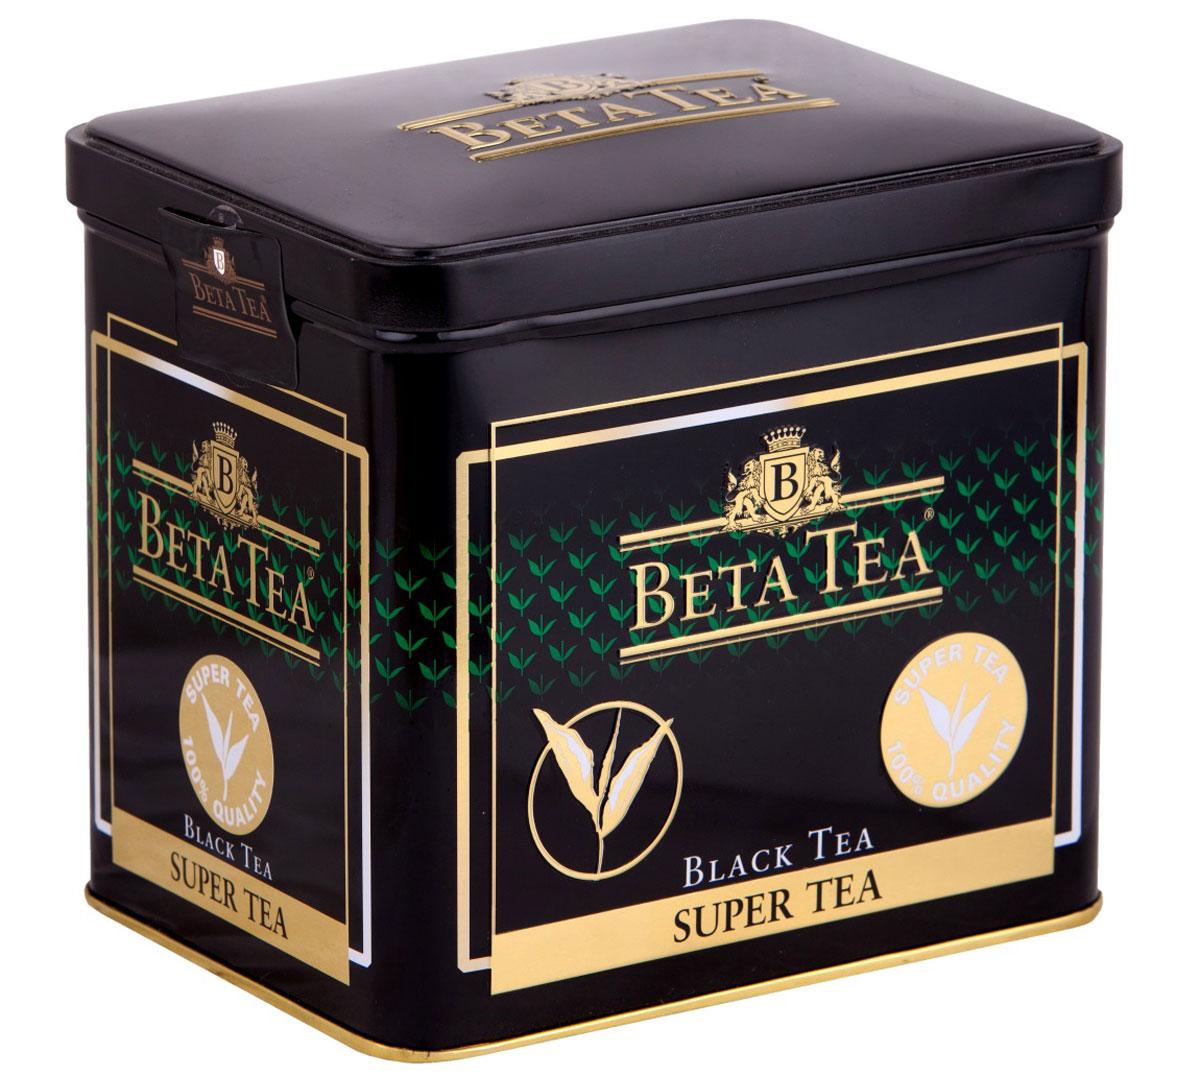 Beta Tea Super Tea черный листовой чай с бергамотом, 250 г101246Мелколистовой чай Beta Tea Super Tea с лучших плантаций Цейлона подарит вам блаженство и умиротворение. Насладитесь крепостью и ароматом этого изящного сорта чая.